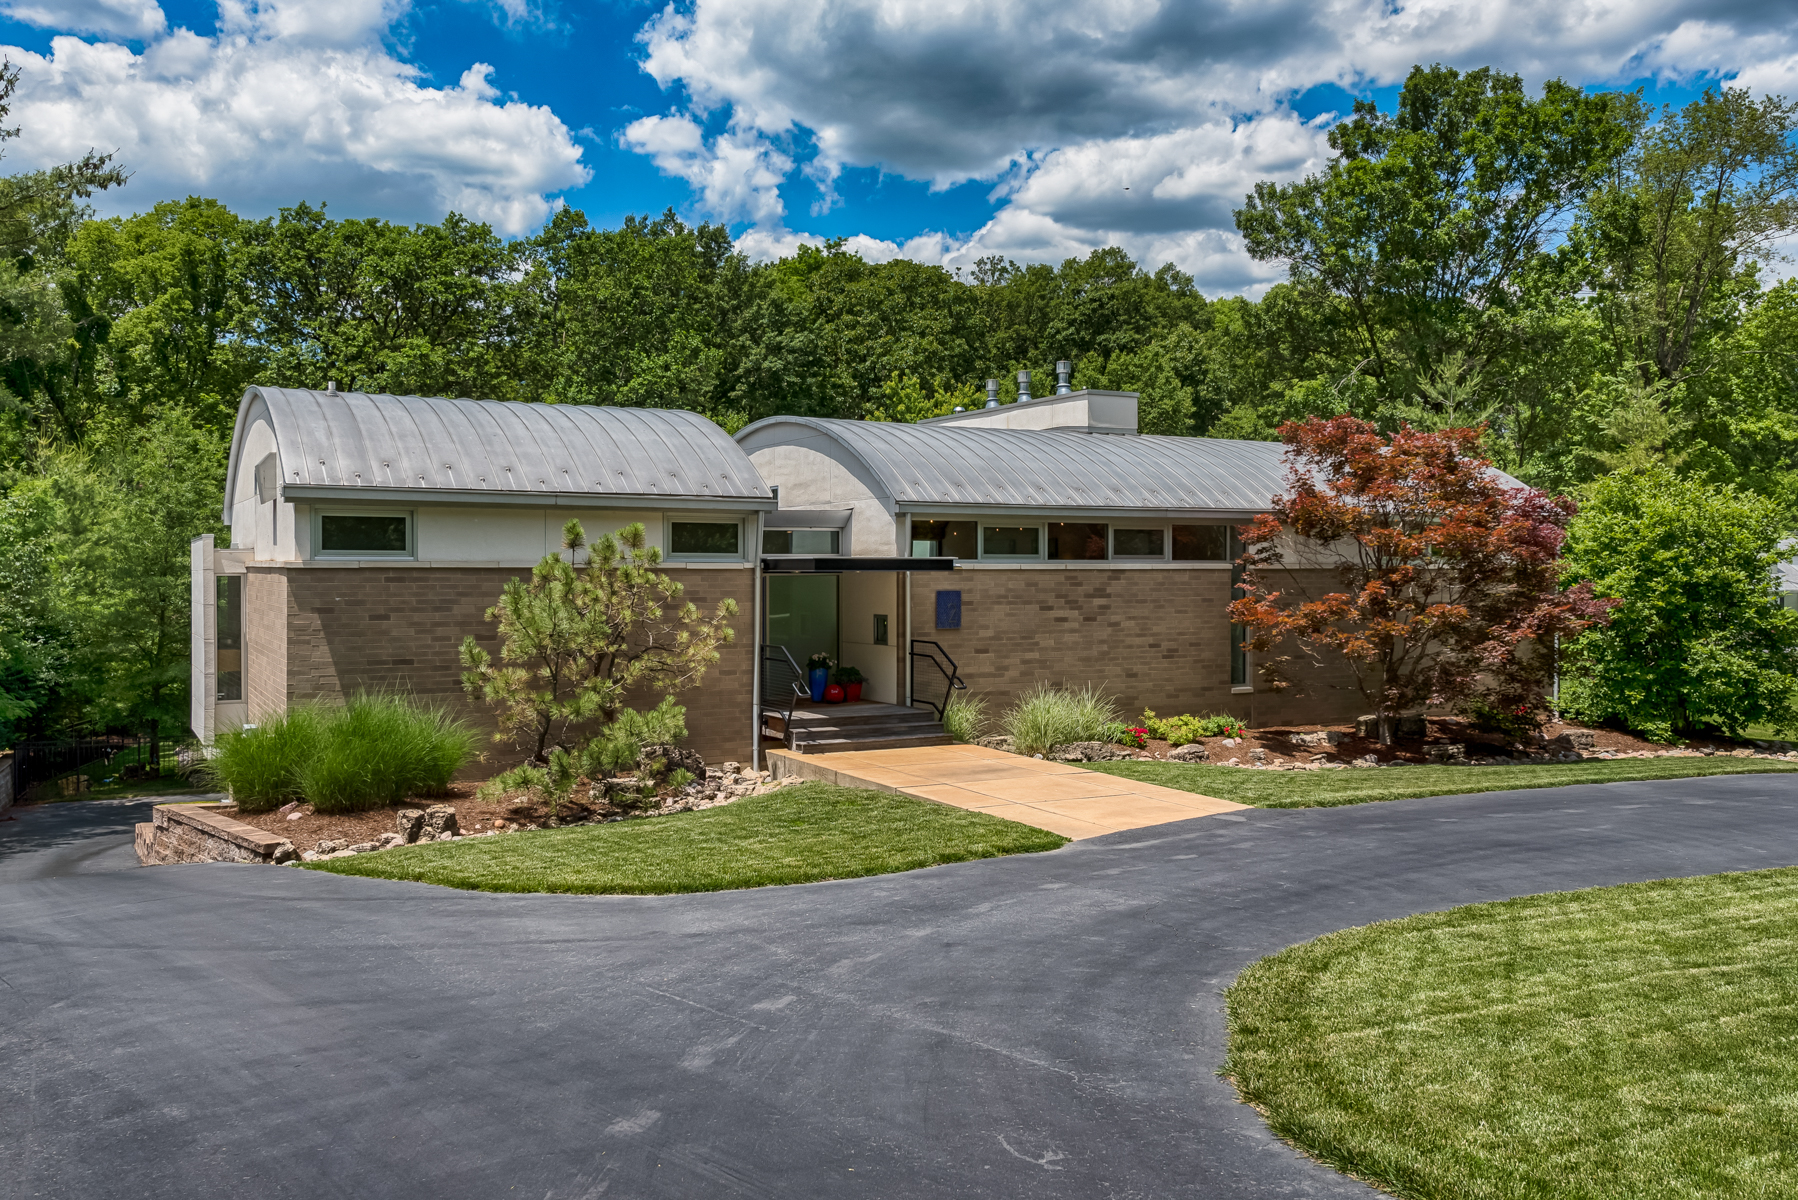 独户住宅 为 销售 在 Winding Brook 2 Winding Brook Lane Ladue, 密苏里州, 63124 美国